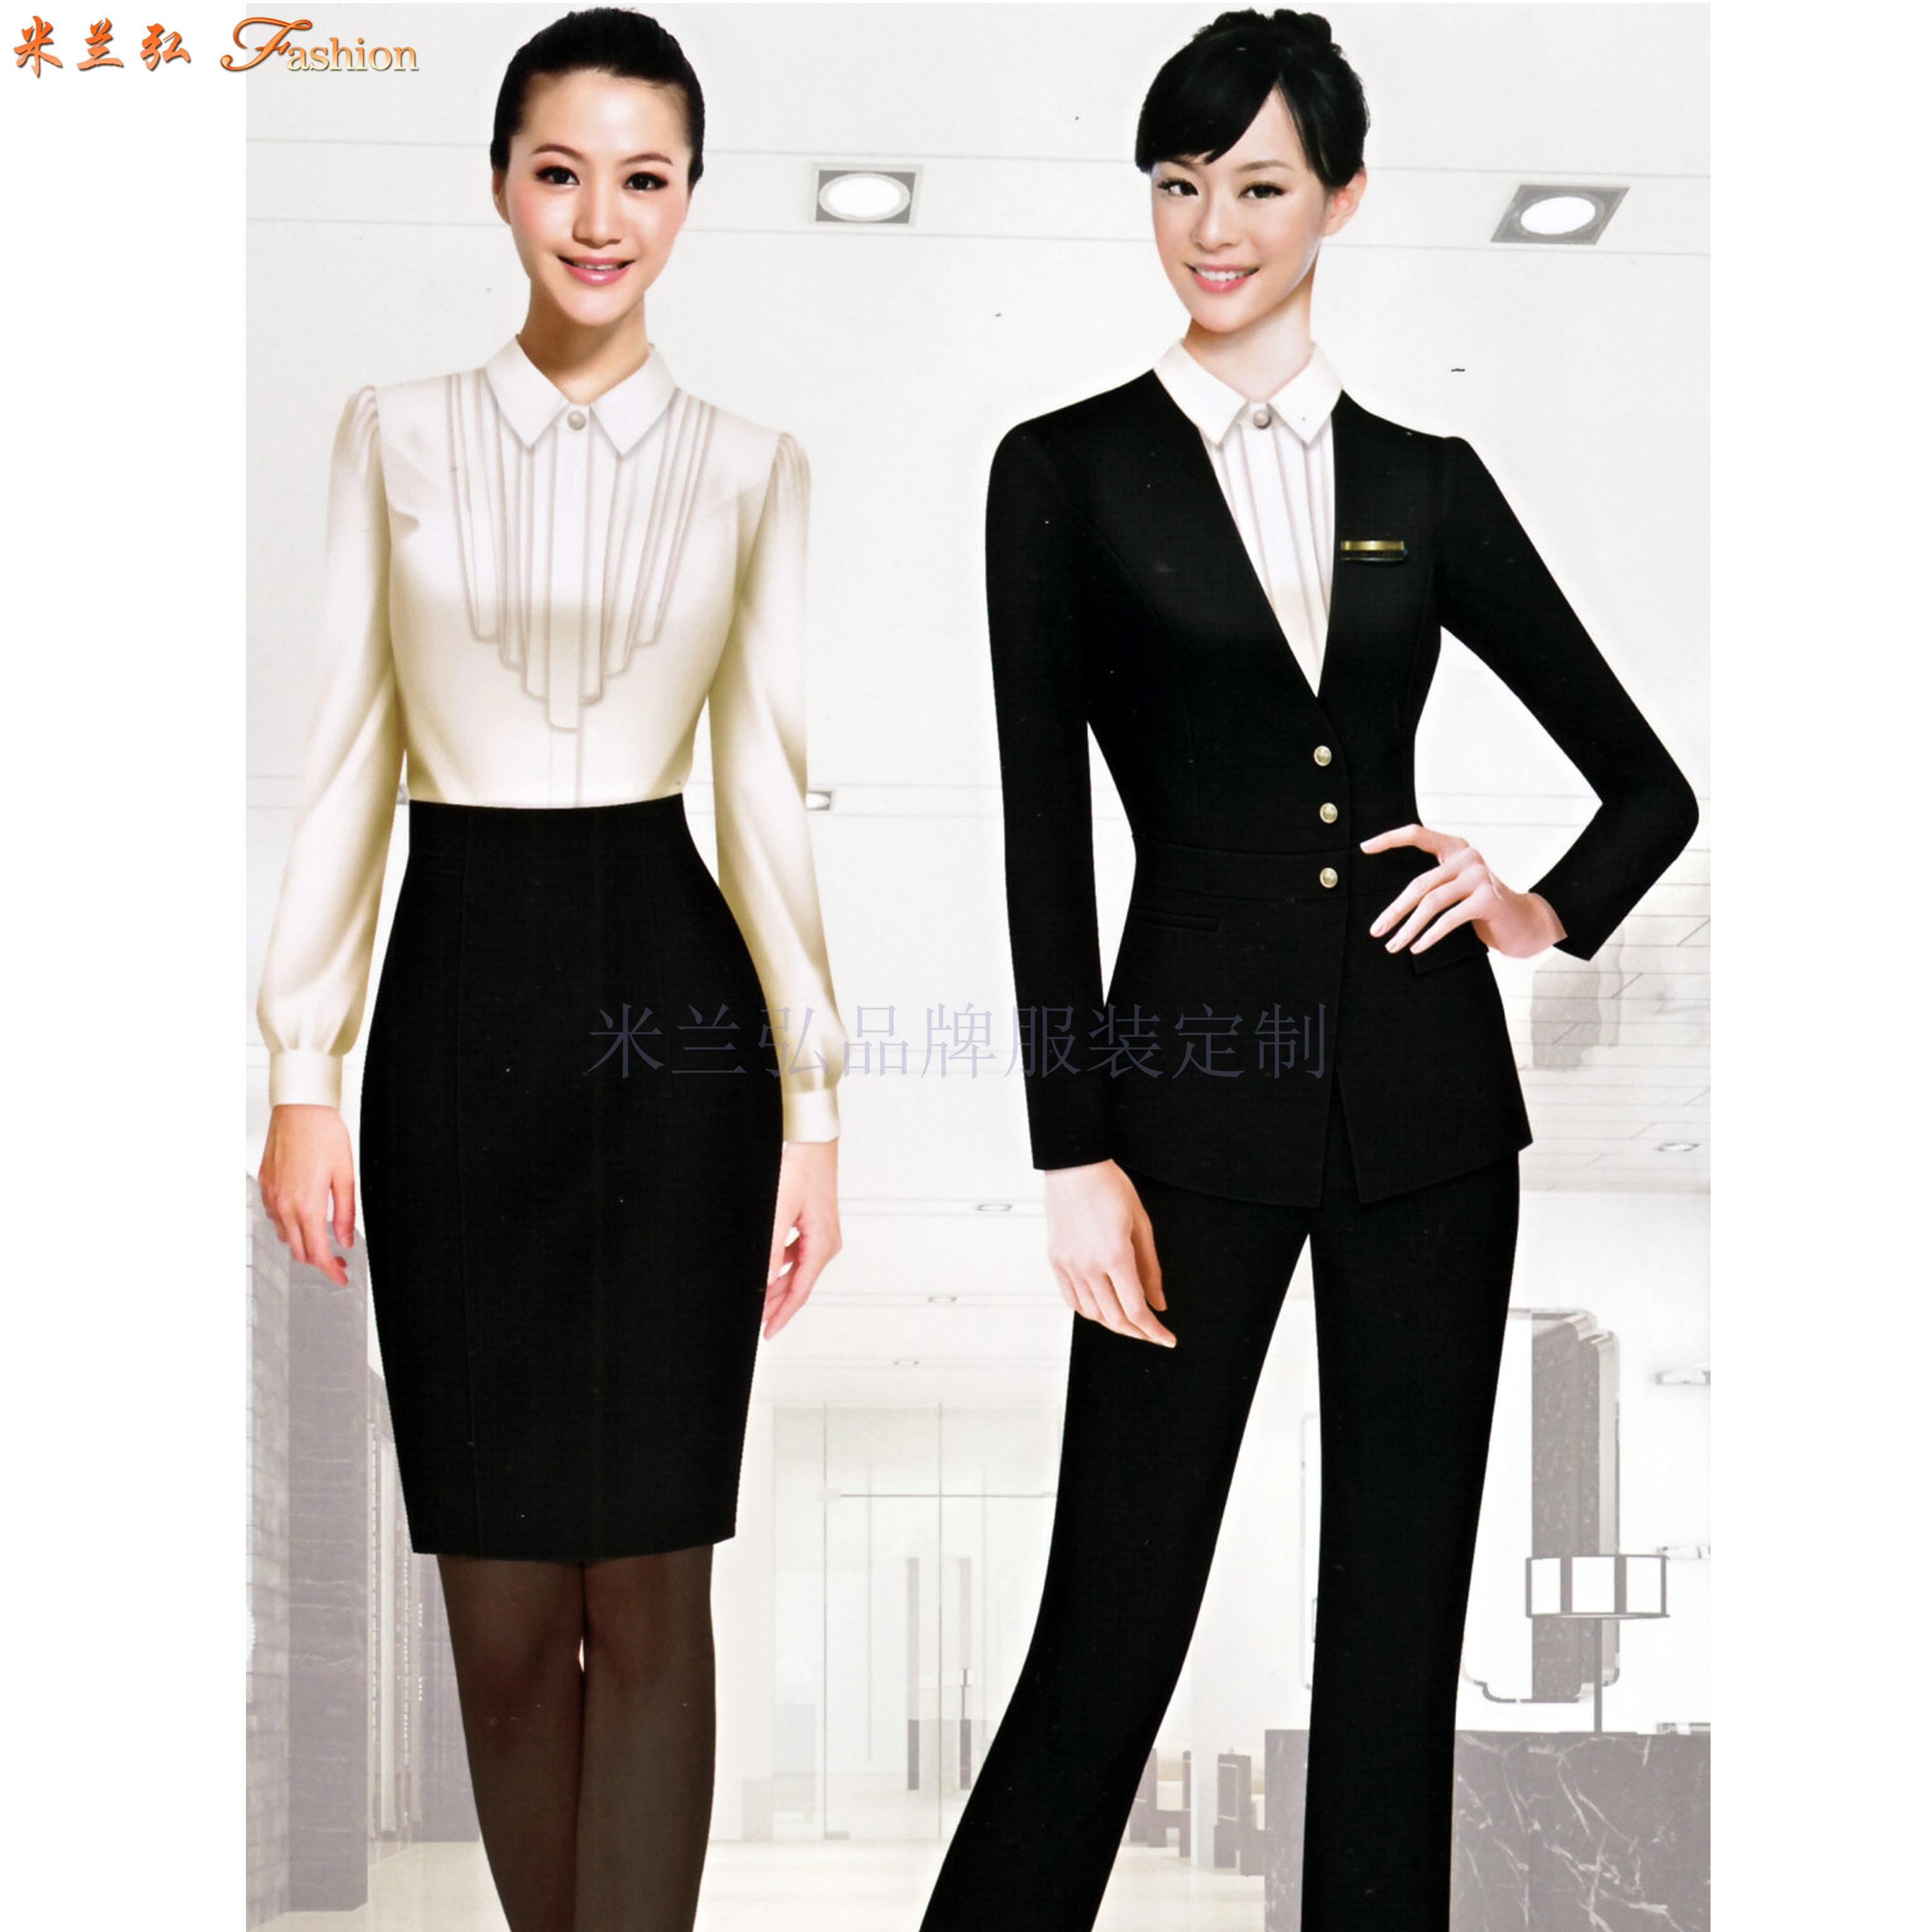 職業裝女裝西裝-白領職業裝女裝套裝-米蘭弘服裝-1